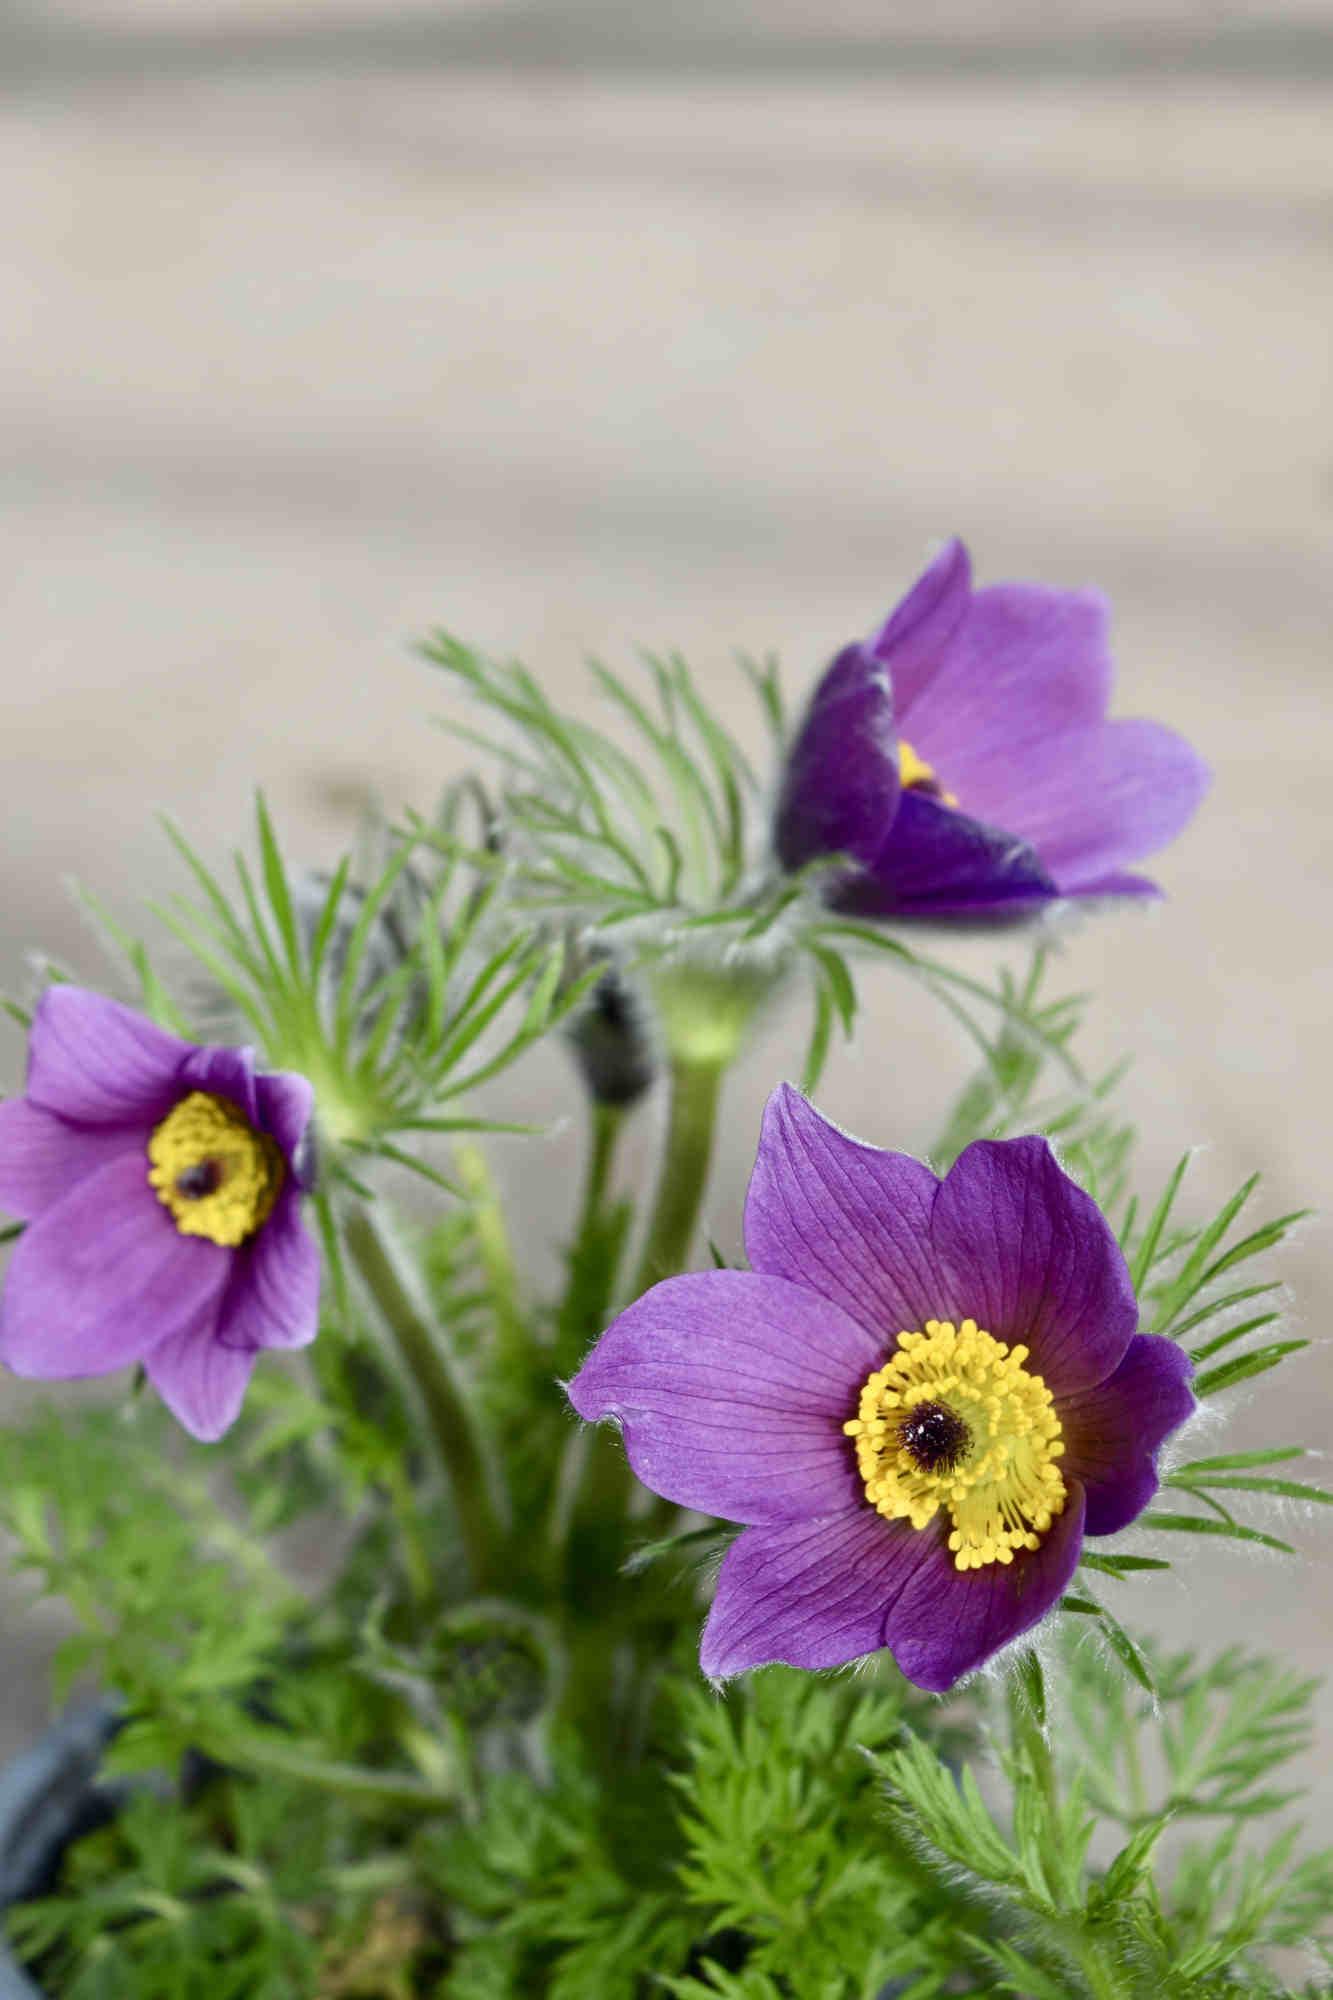 Küchenschelle 'Pinwheel Blue Violet Shades' - Pulsatilla vulgaris 'Pinwheel Blue Violet Shades'